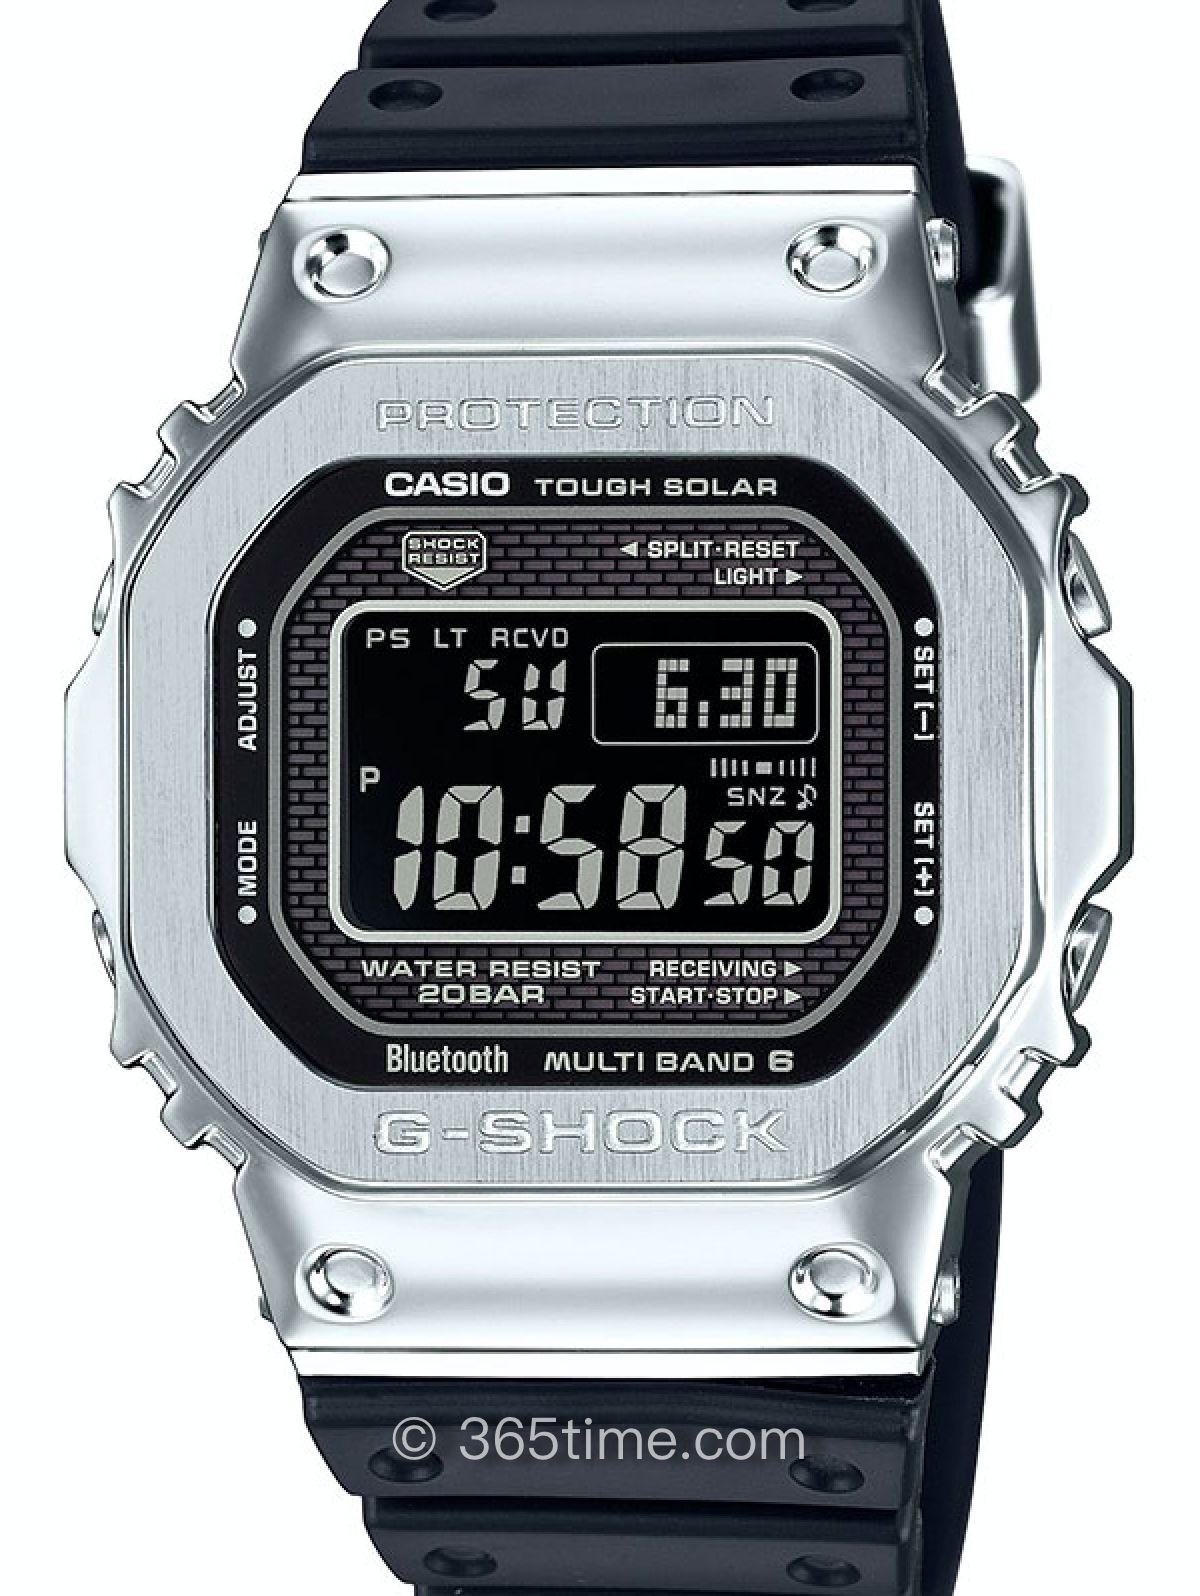 卡西欧G-Shock系列GMW-B5000不锈钢腕表